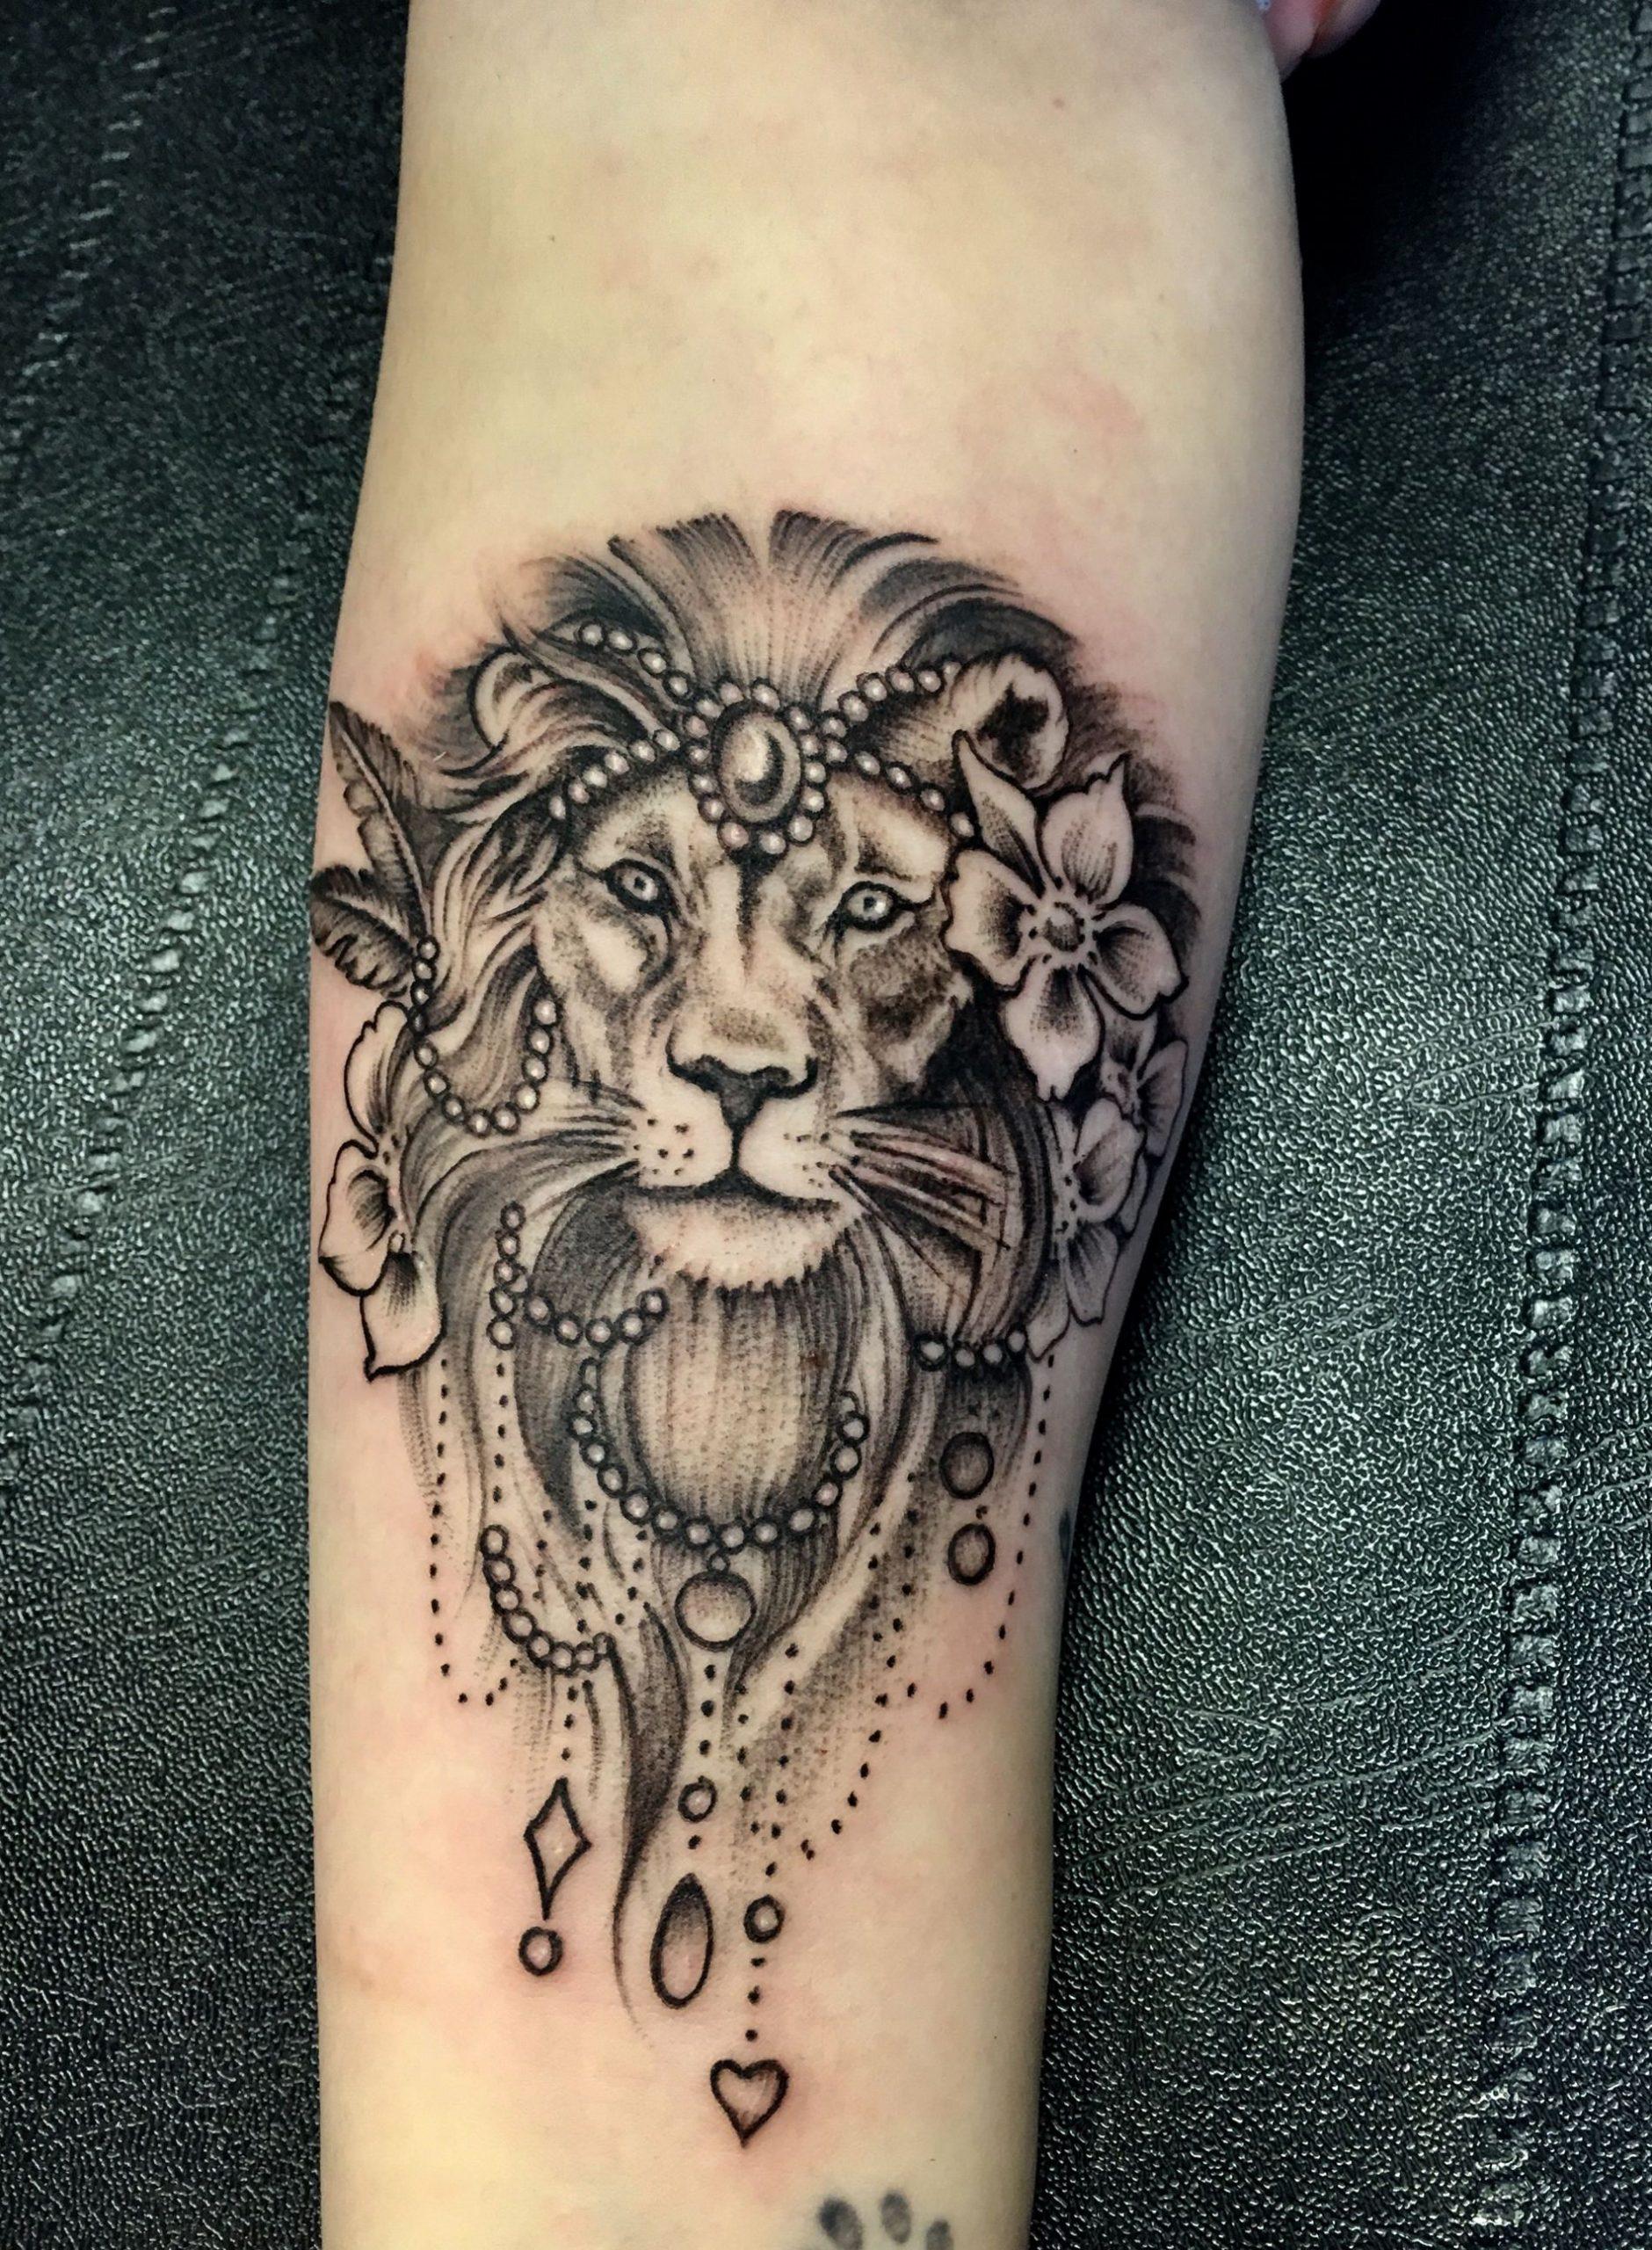 Tatuagem preta no antebraço de uma leão rei